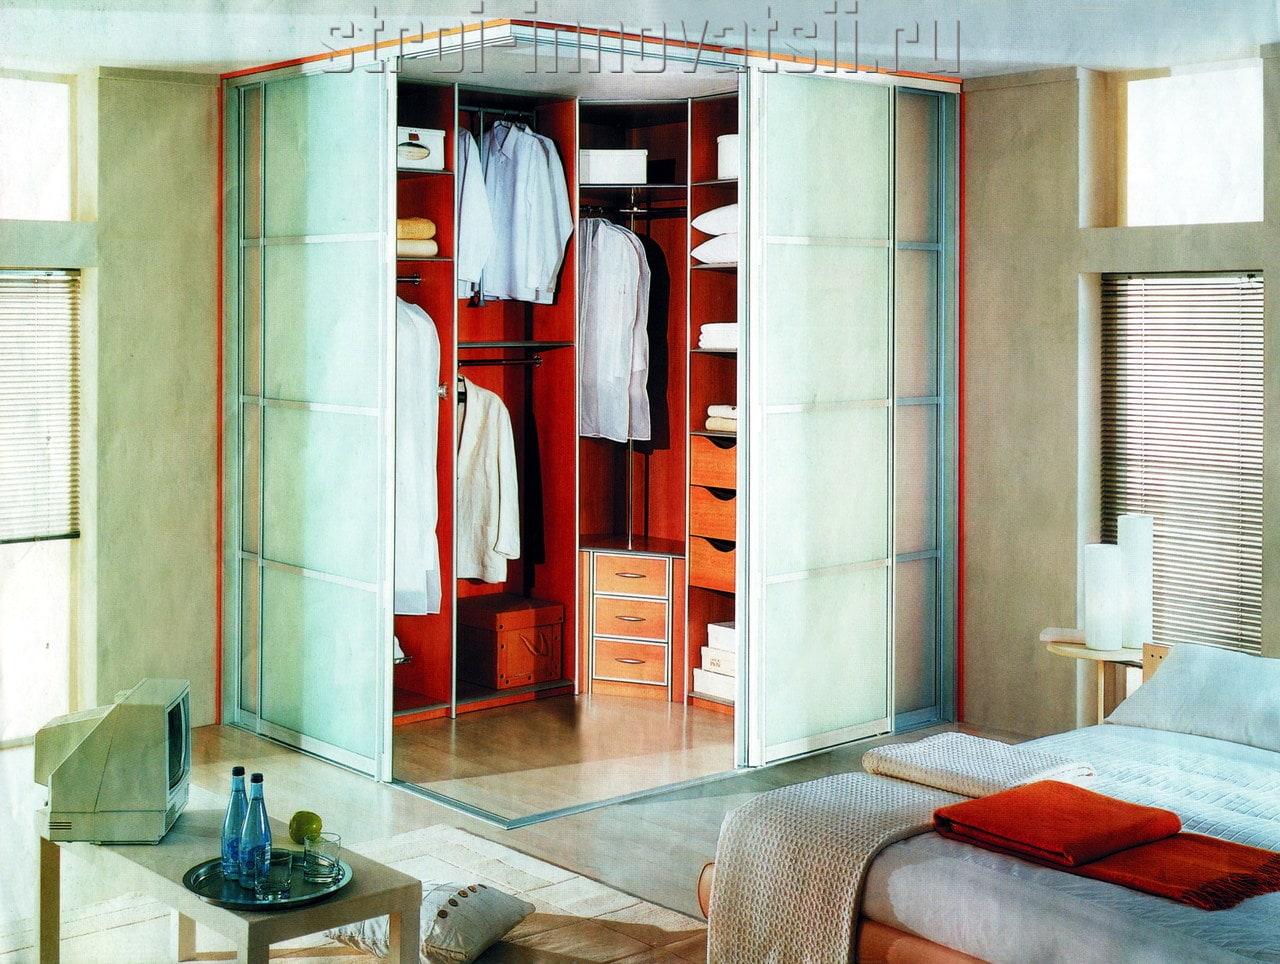 Гардеробная комната: планировка с размерами, фото лучших иде.